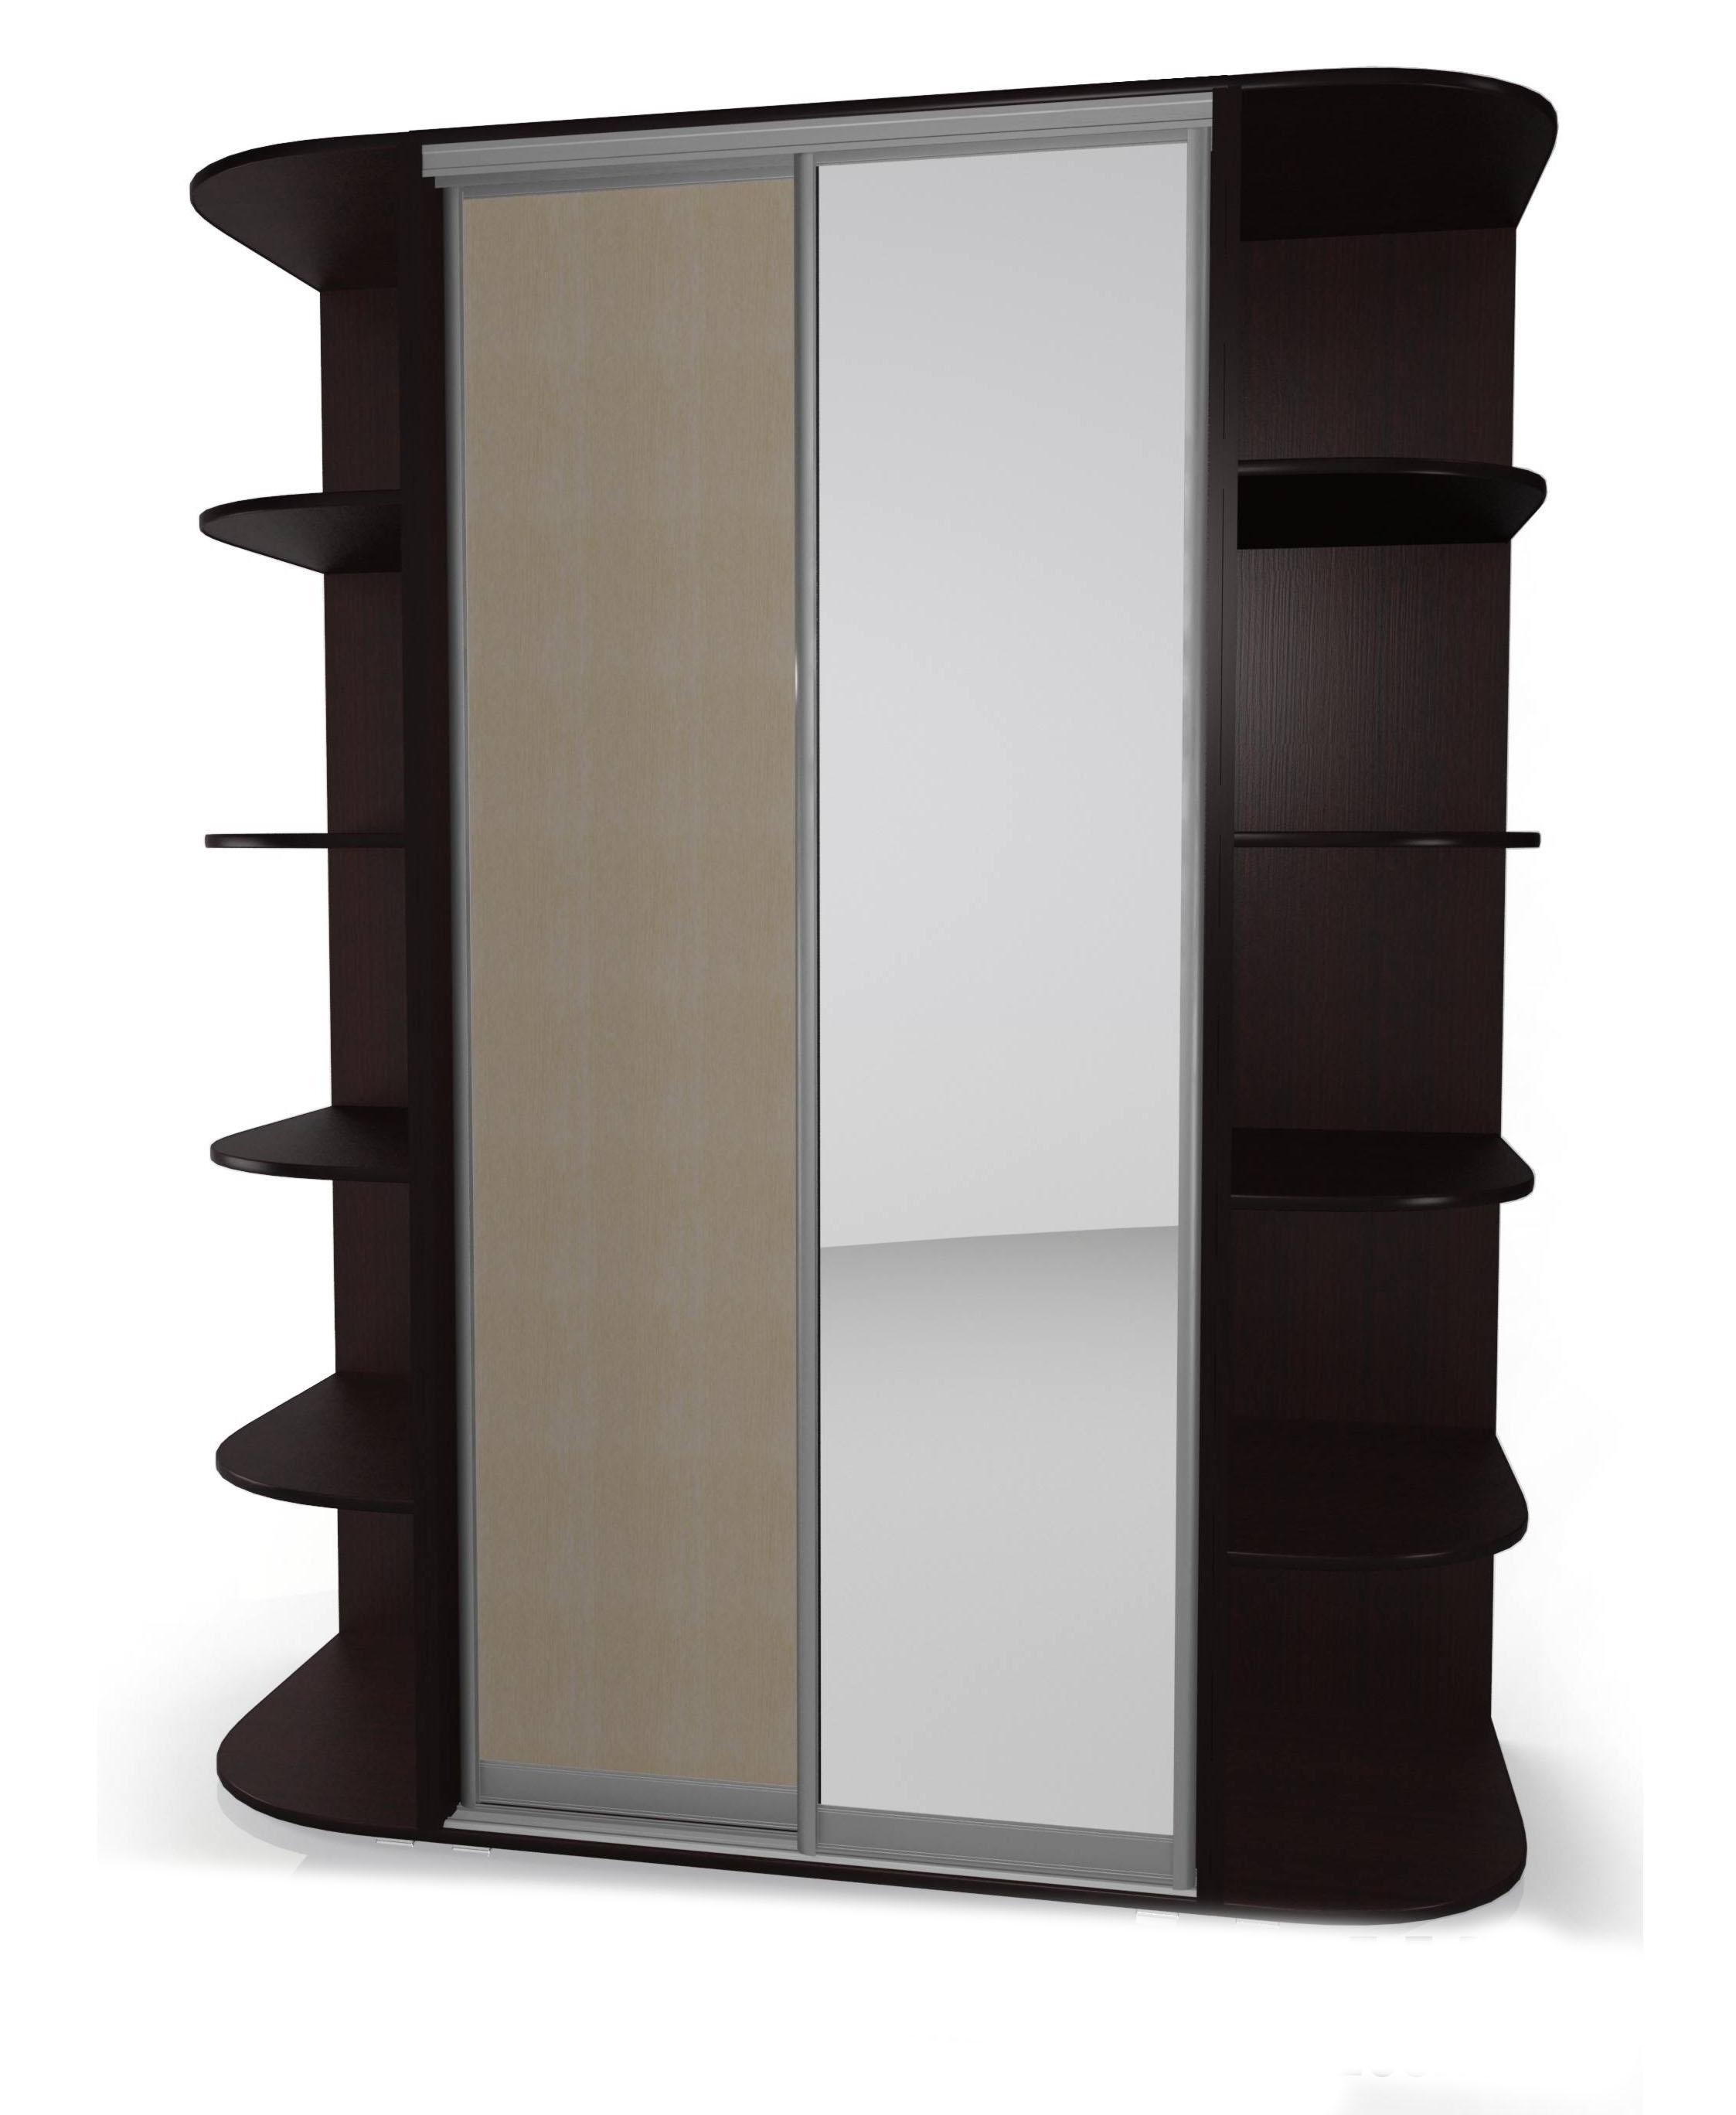 Шкаф-купе Мебелайн-11 радиусный шкаф купе мебелайн 7